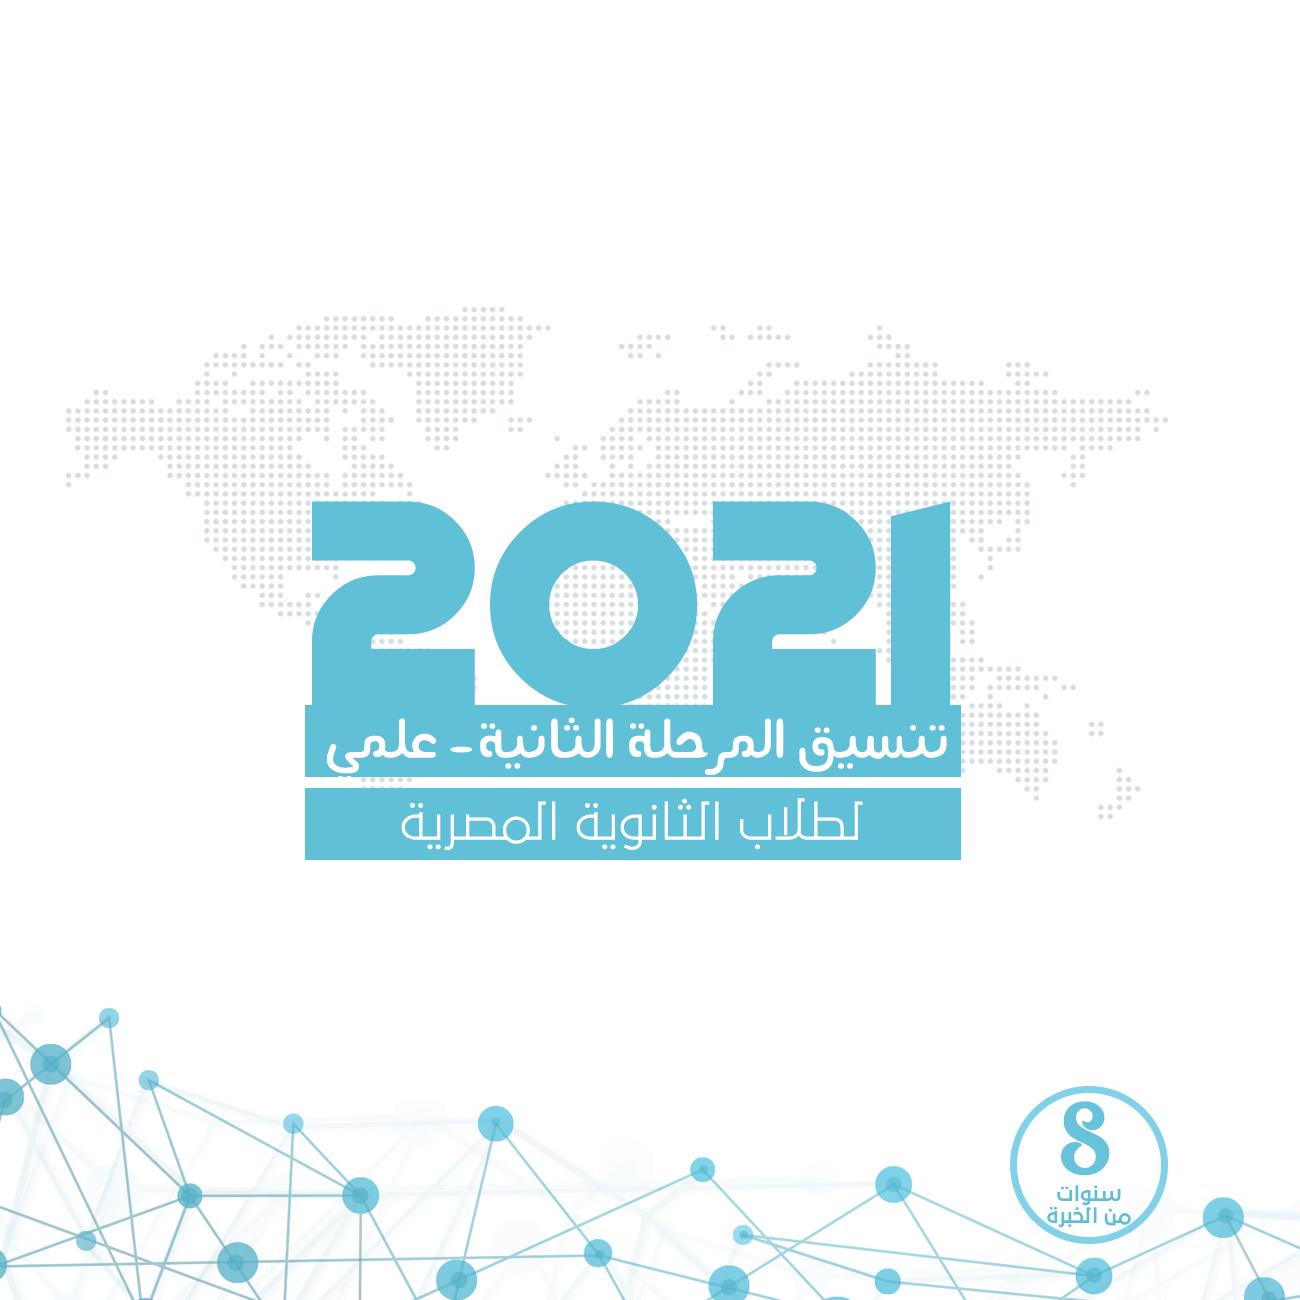 تنسيق المرحلة الثانية للثانوية المصرية 2021 - علمي